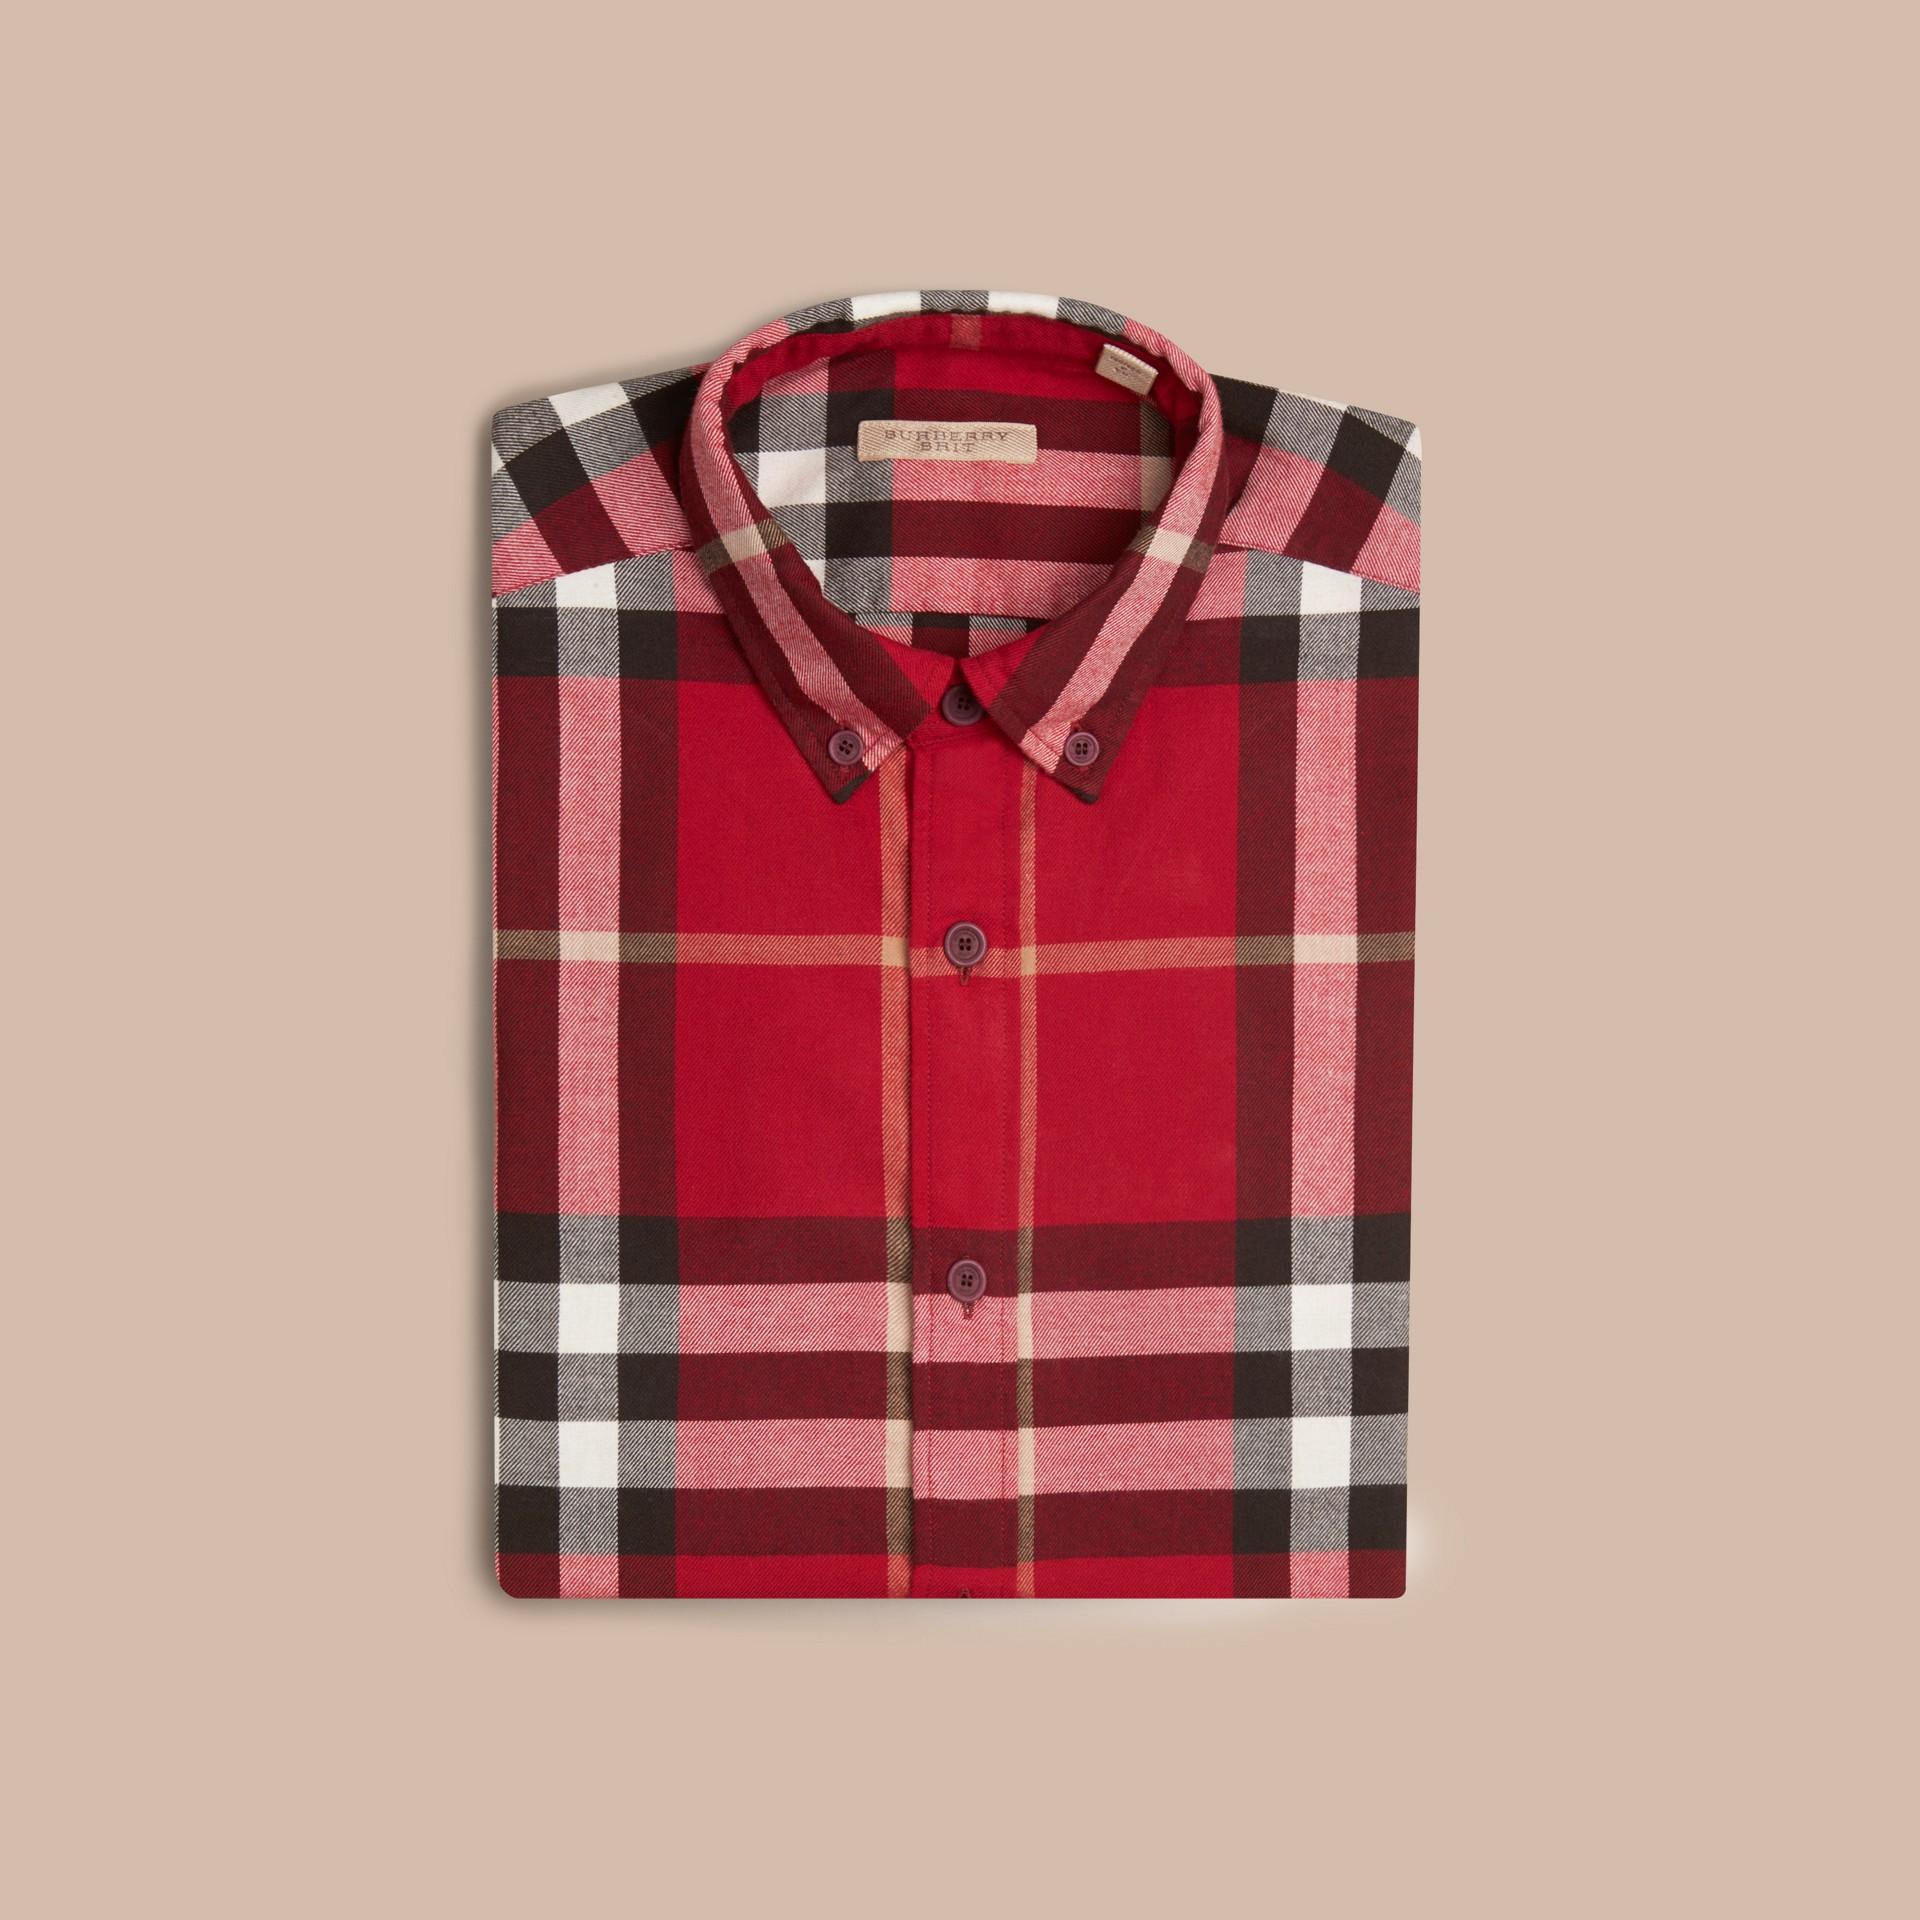 Парадный красный Фланелевая рубашка в клетку Парадный Красный - изображение 4